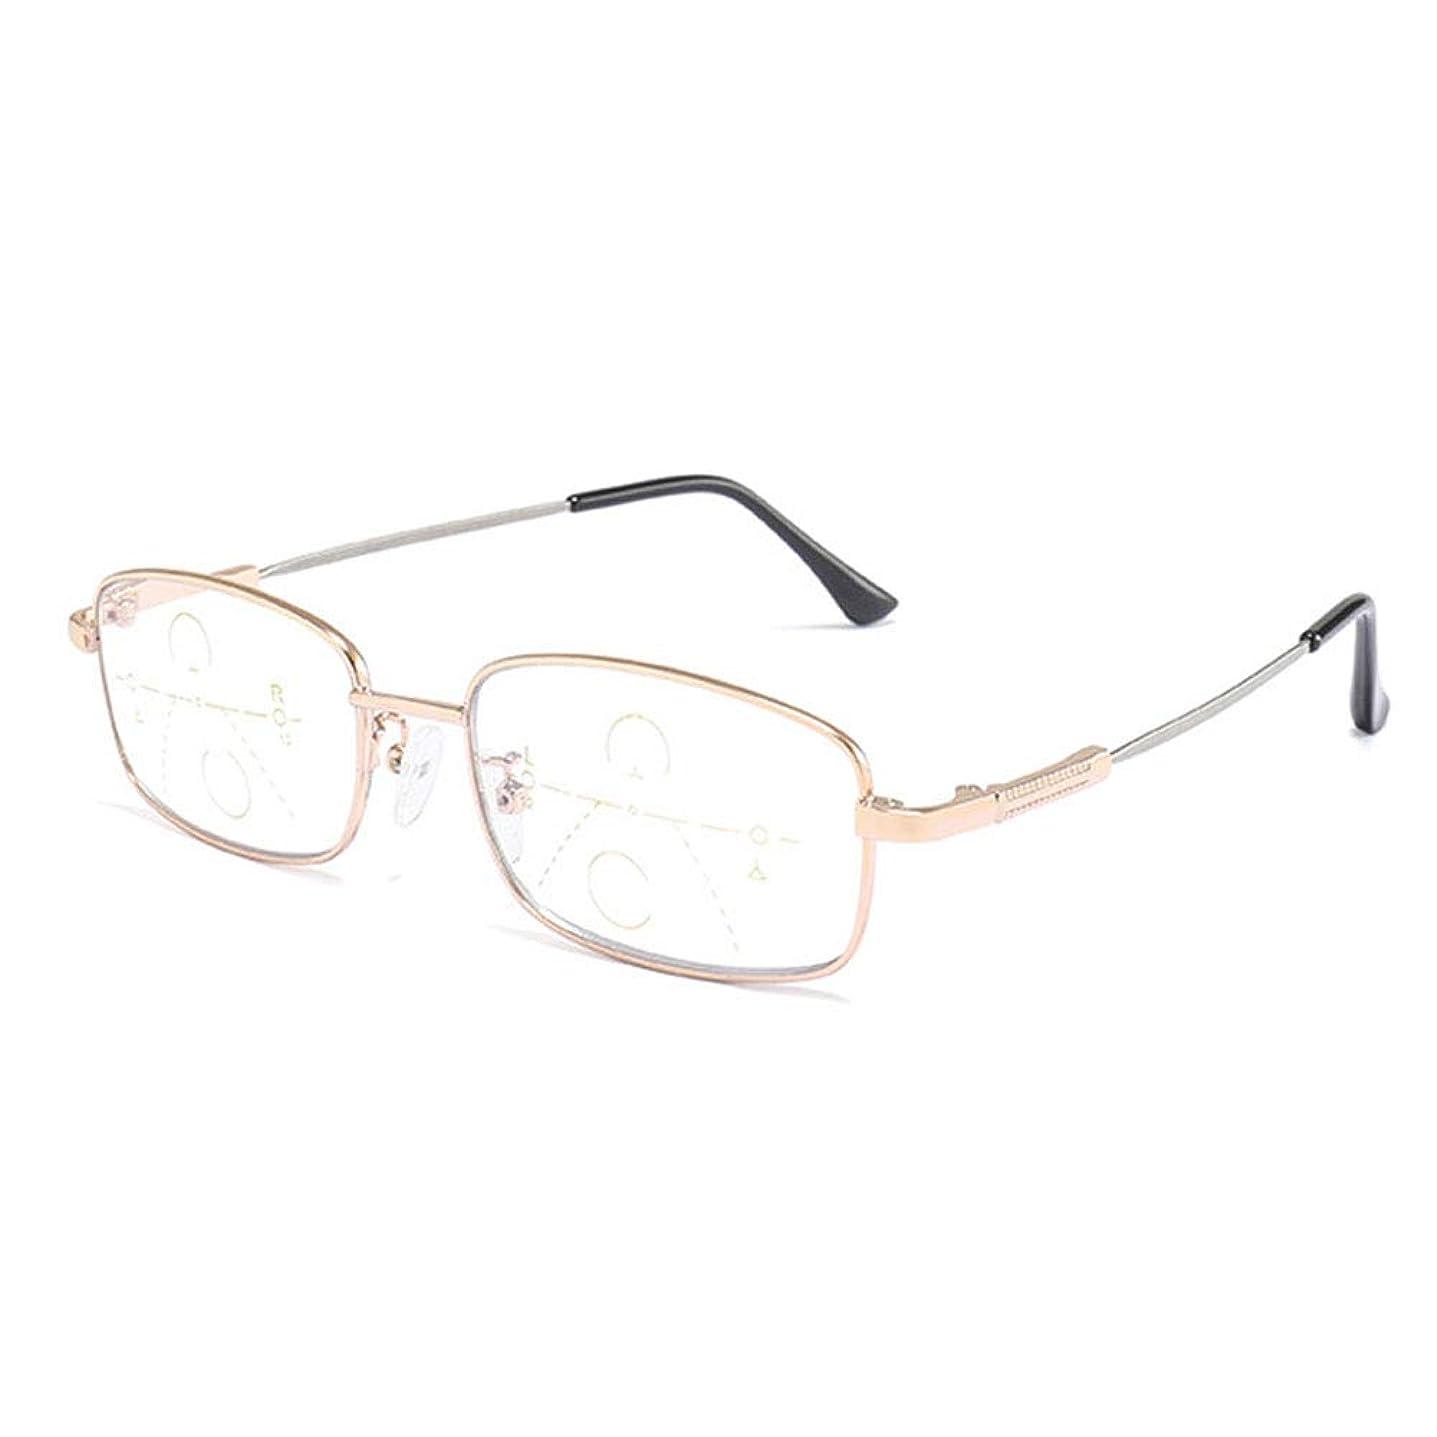 暴行悲劇的なロケーションメタルフレーム老眼鏡、ブルーレイ多焦点老眼、ユニセックスメガネ